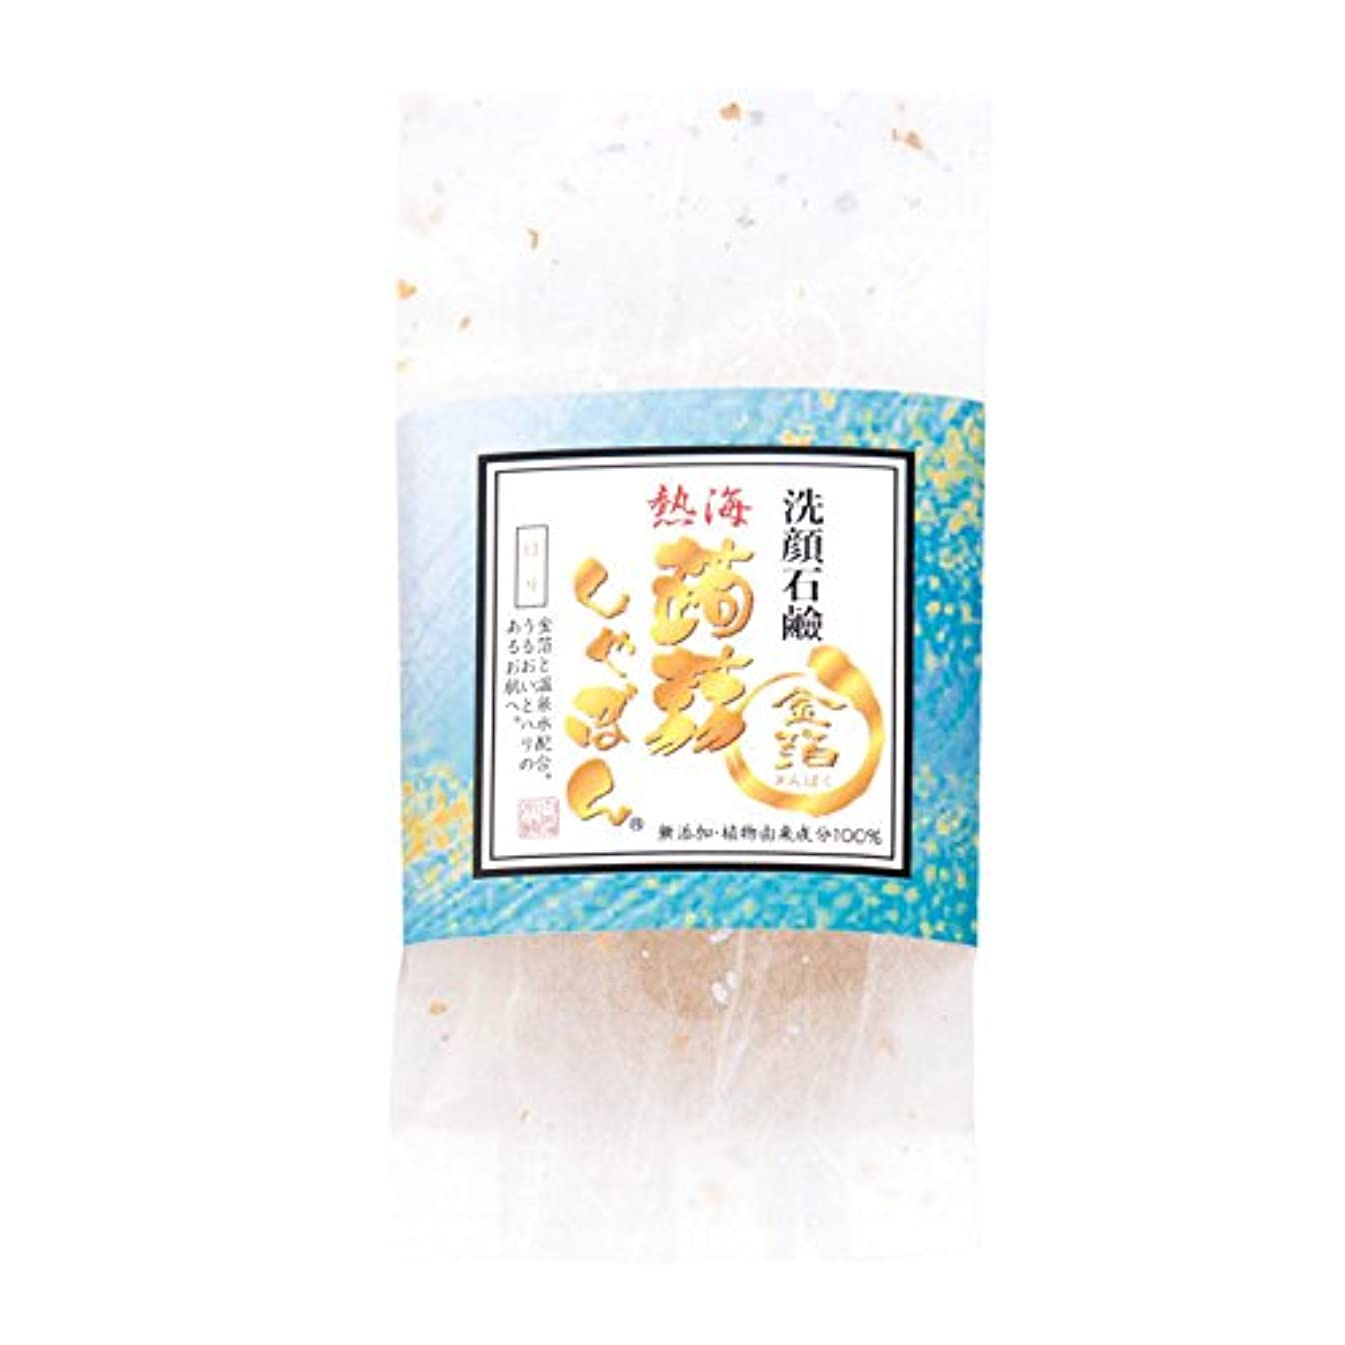 熱海蒟蒻しゃぼん熱海 金箔&温泉水(きんぱく&おんせんすい)